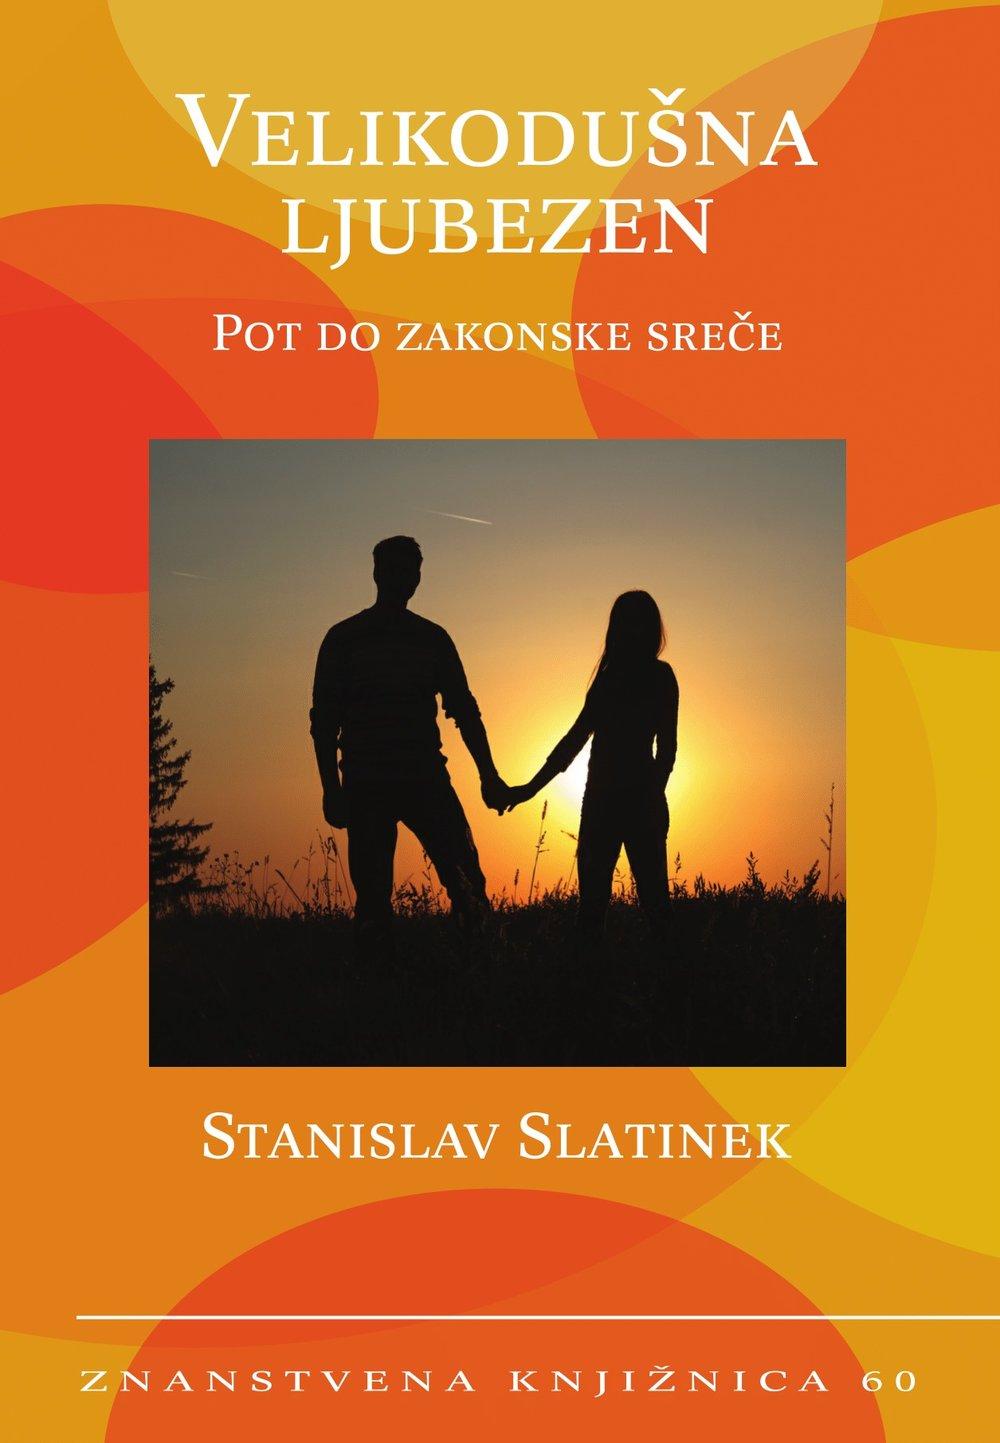 velikodusna ljubezen ovitek 2-1.jpg